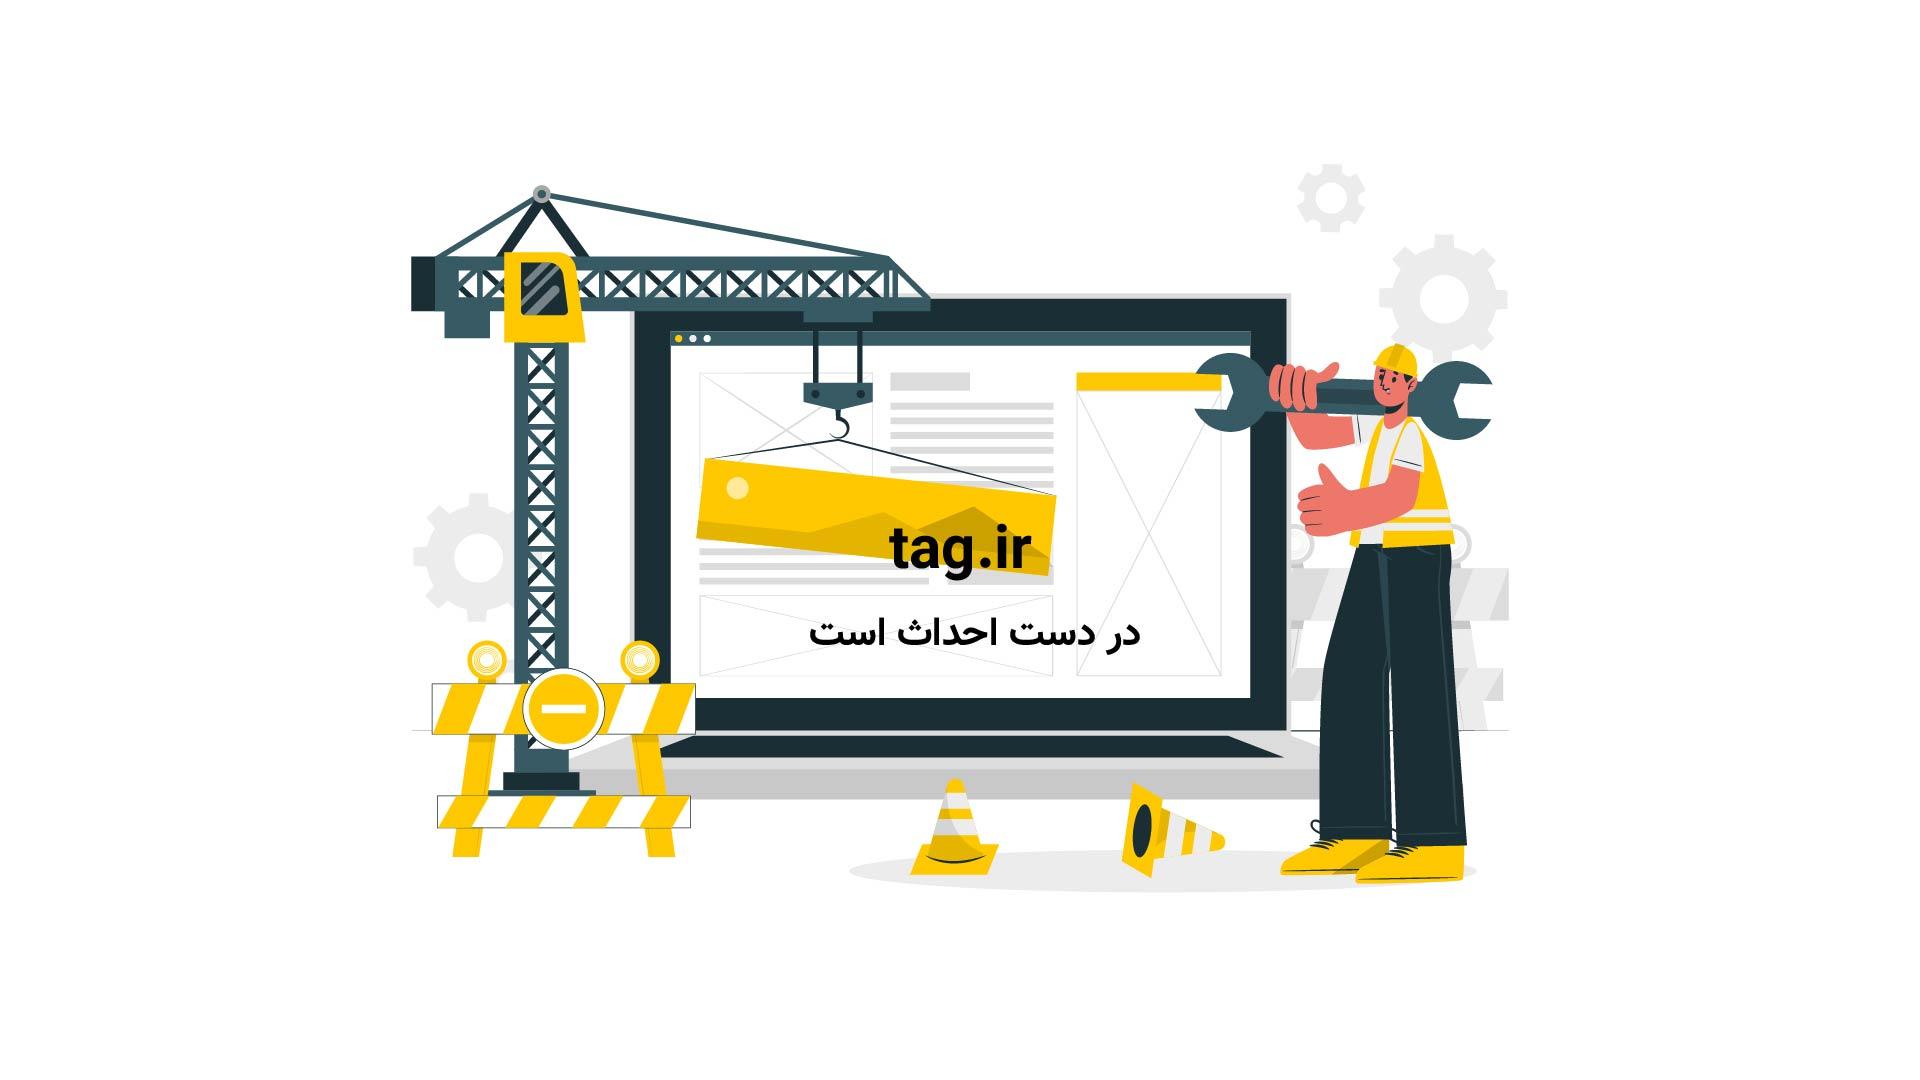 واکنش شیمیایی شیر با نوشابه | تگ